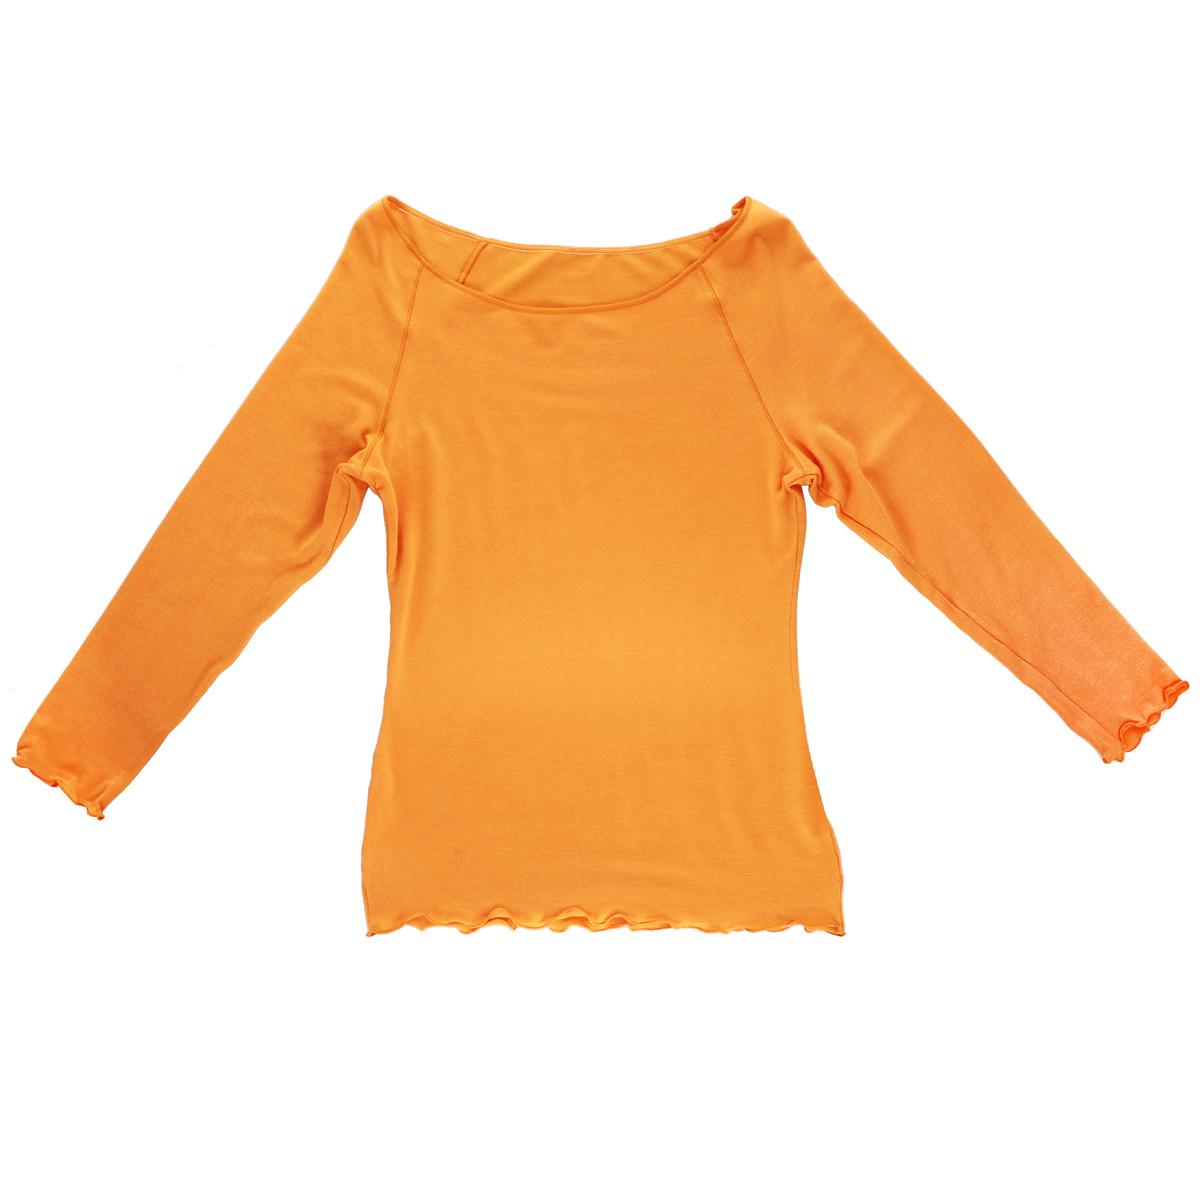 Футболка с длинным рукавом женская Кармэн - Золотая ГрацияКармэнЖенская футболка с длинным рукавом Золотая Грация Кармэн изготовлена из шелковистого, очень тонкого, нежного полотна нового поколения с эффектом персиковой кожи. Футболка с рукавами 3/4 и круглым вырезом горловины имеет плоские боковые швы и современную обработку эластичной тесьмой. Мягкая прочная отделочная нить устойчива к истиранию.